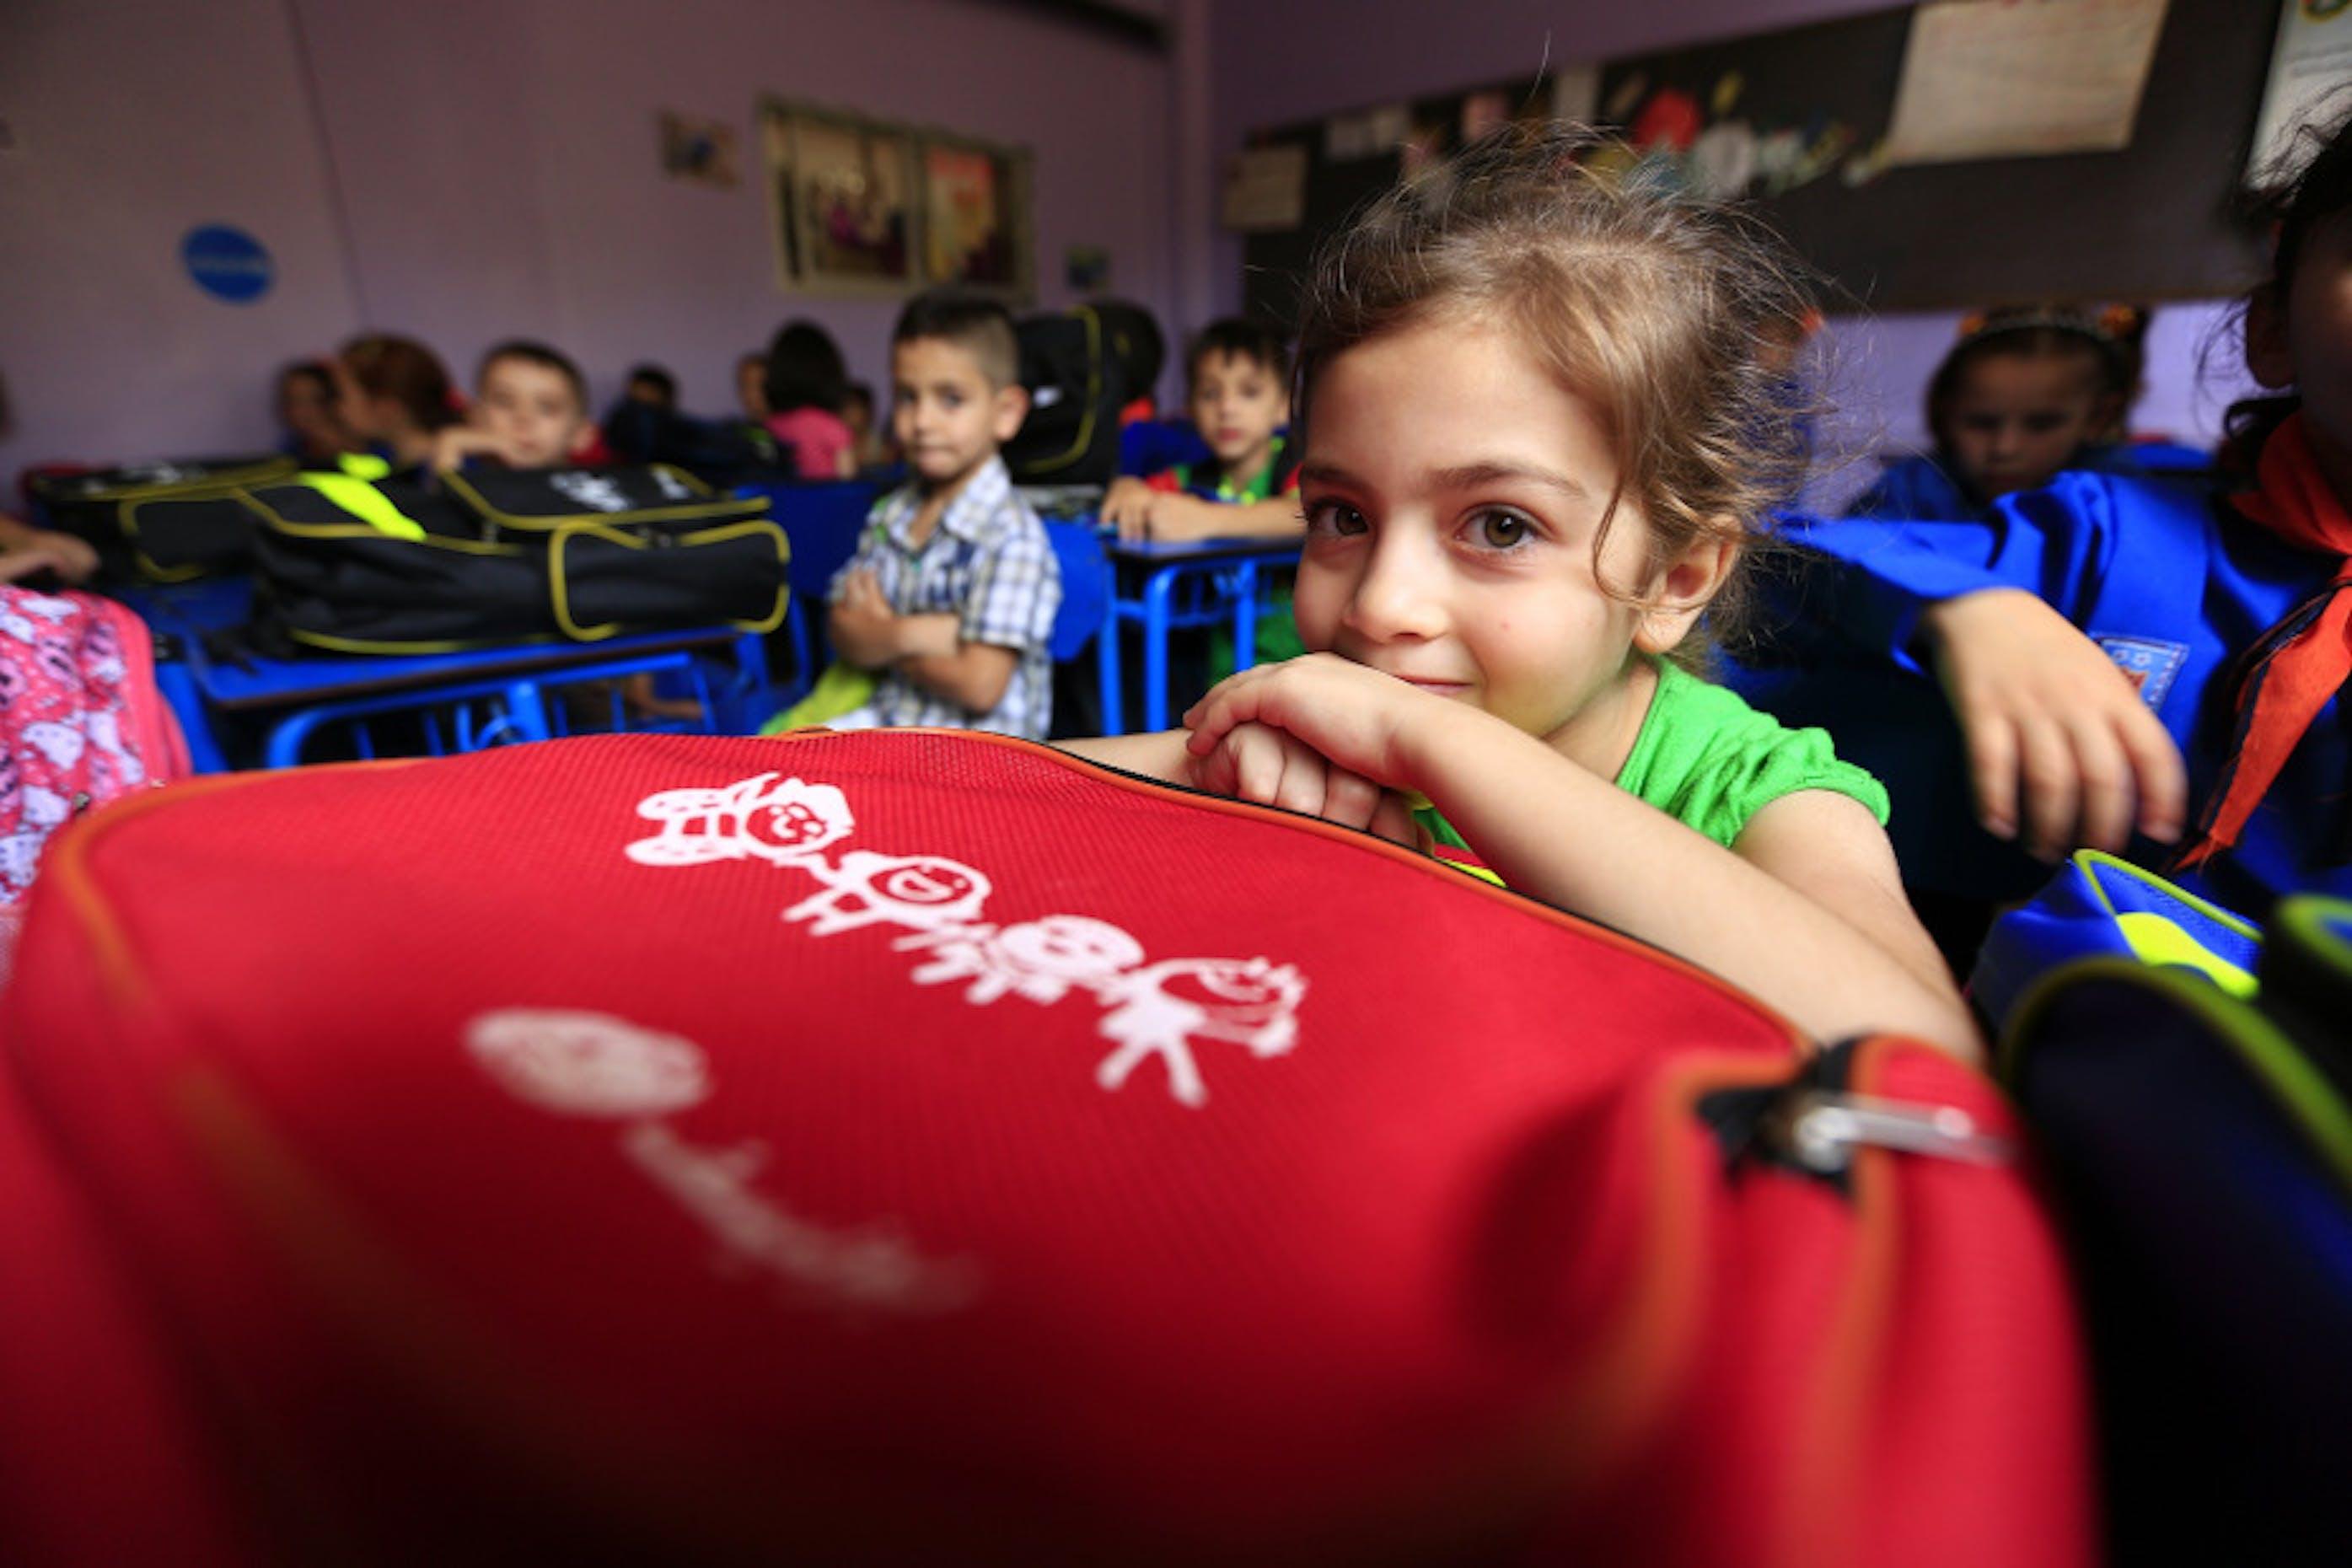 Fatima, 6 anni. La sua famiglia è fuggita da Palmira caduta in mano all'ISIS e vive ora a Homs, nell'est della Siria. Oggi inizia la scuola, con i materiali didattici donati dall'UNICEF - ©UNICEF Siria/2015/Omar Sanadiki